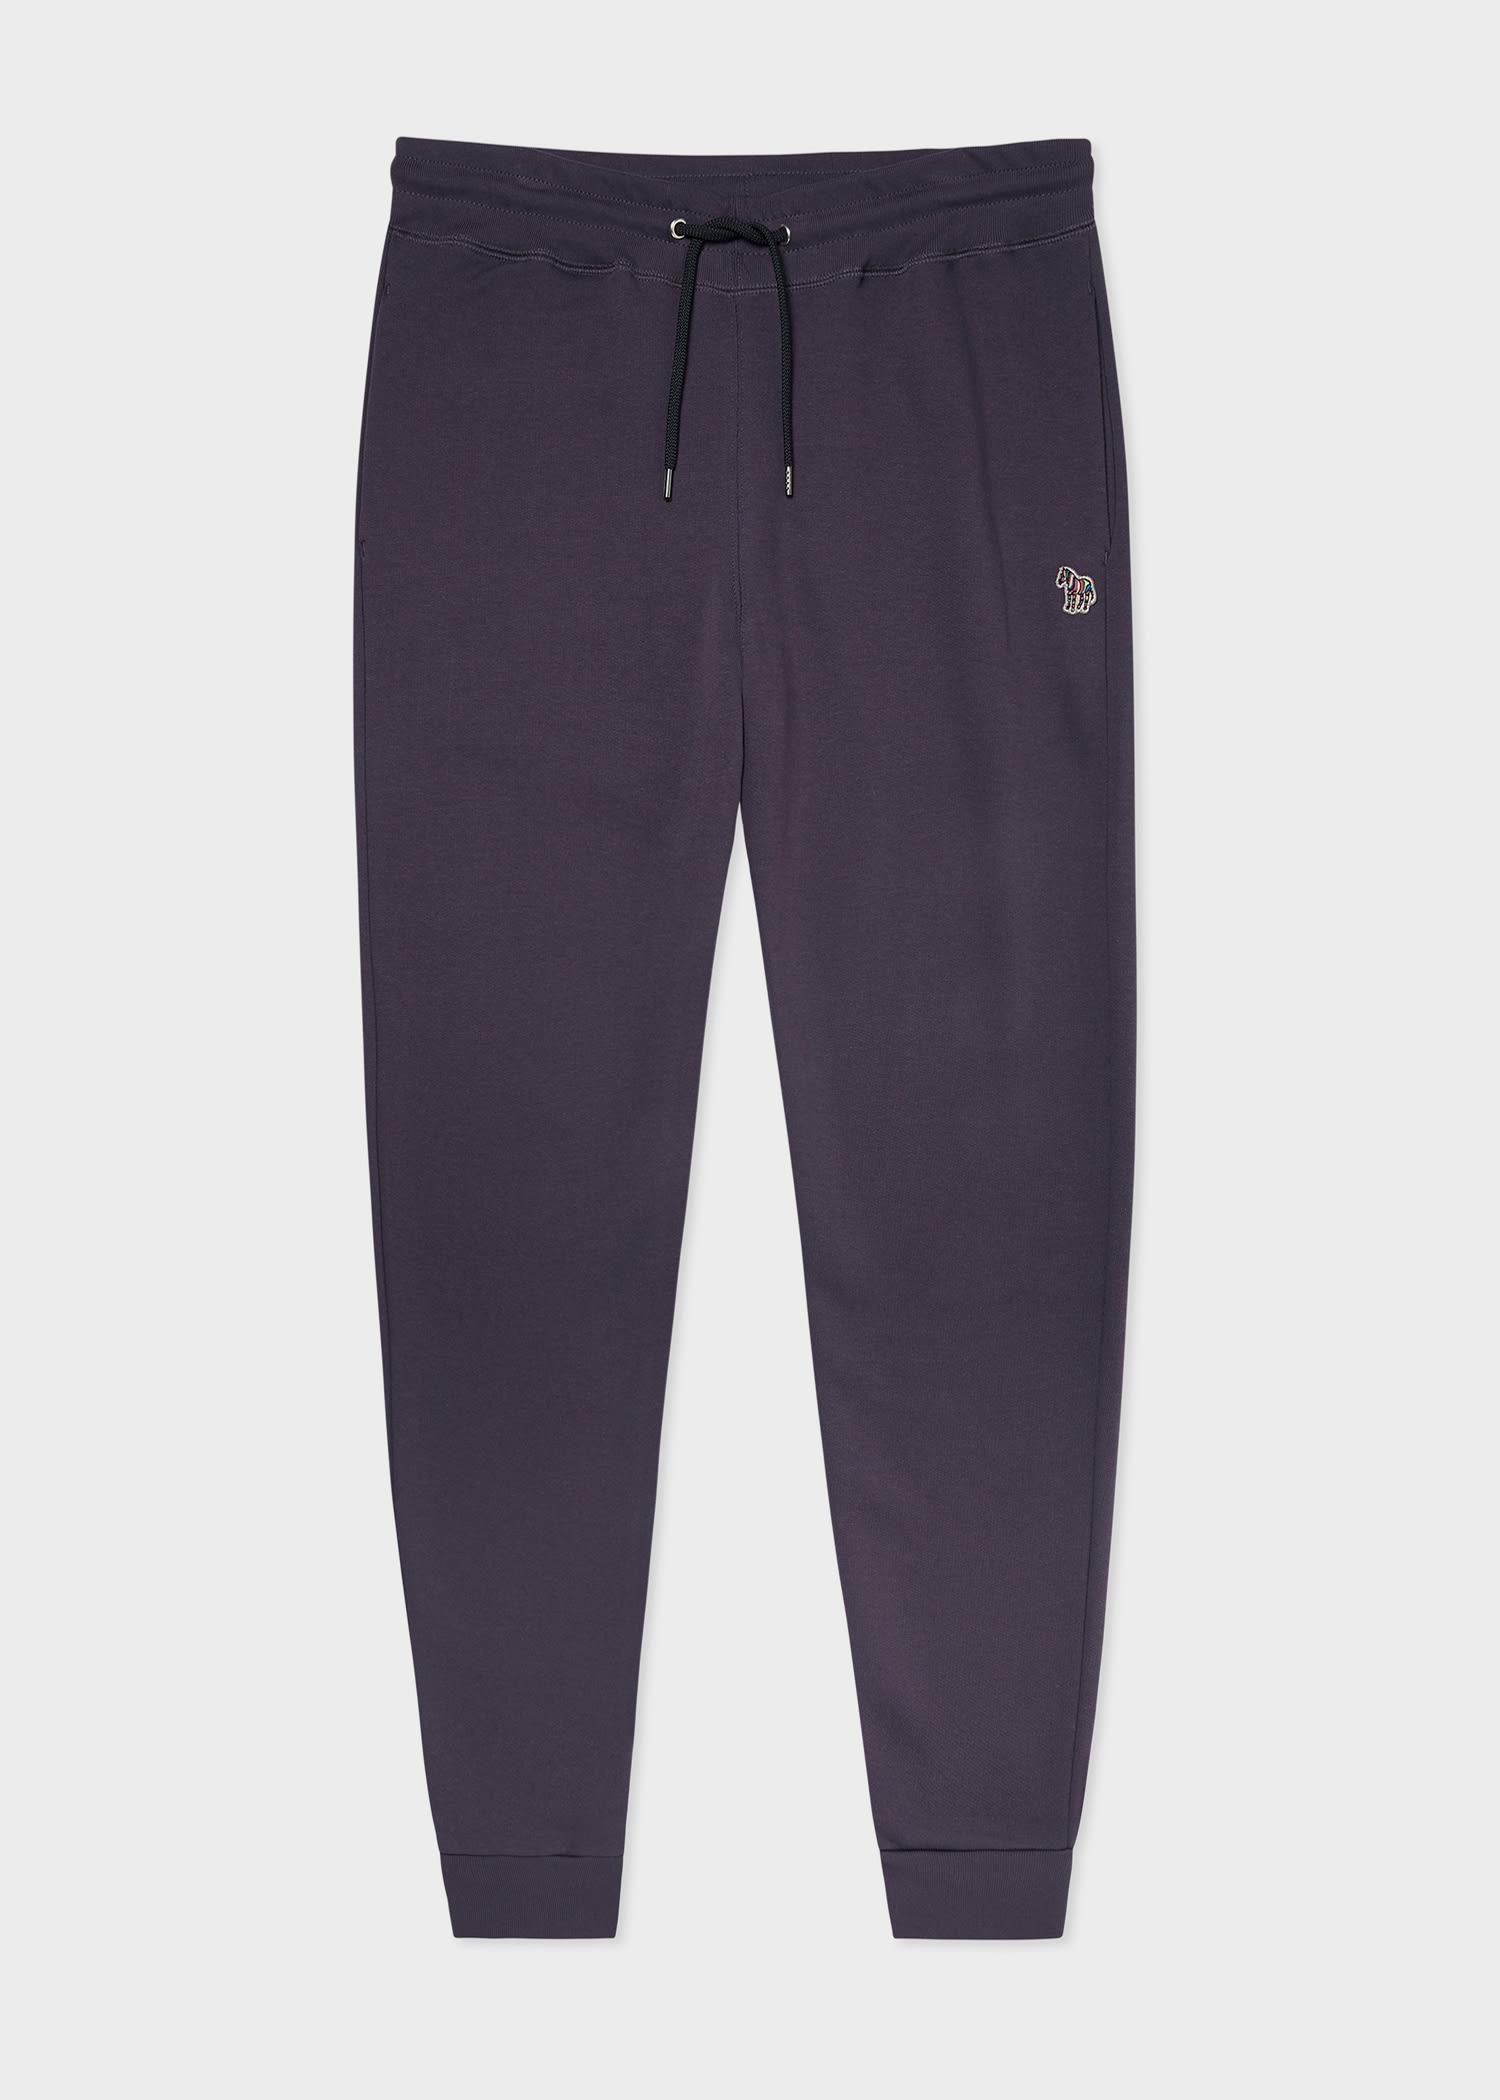 폴 스미스 스웻팬츠 Paul Smith Mens Dark Purple Zebra Logo Cotton Sweatpants